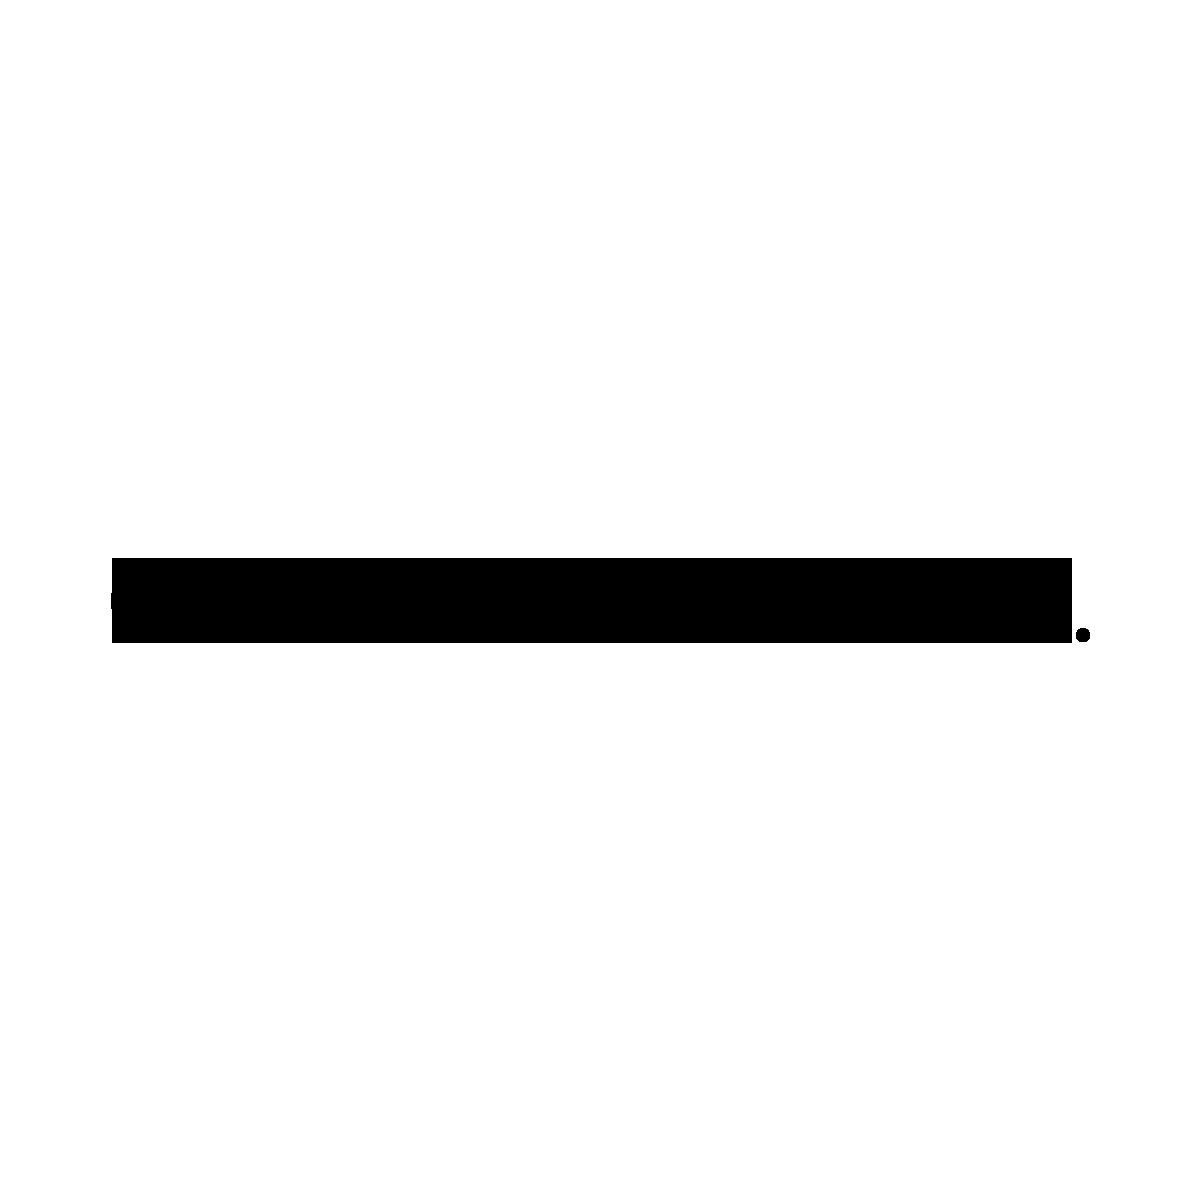 Espadrille-sandal-suede-black